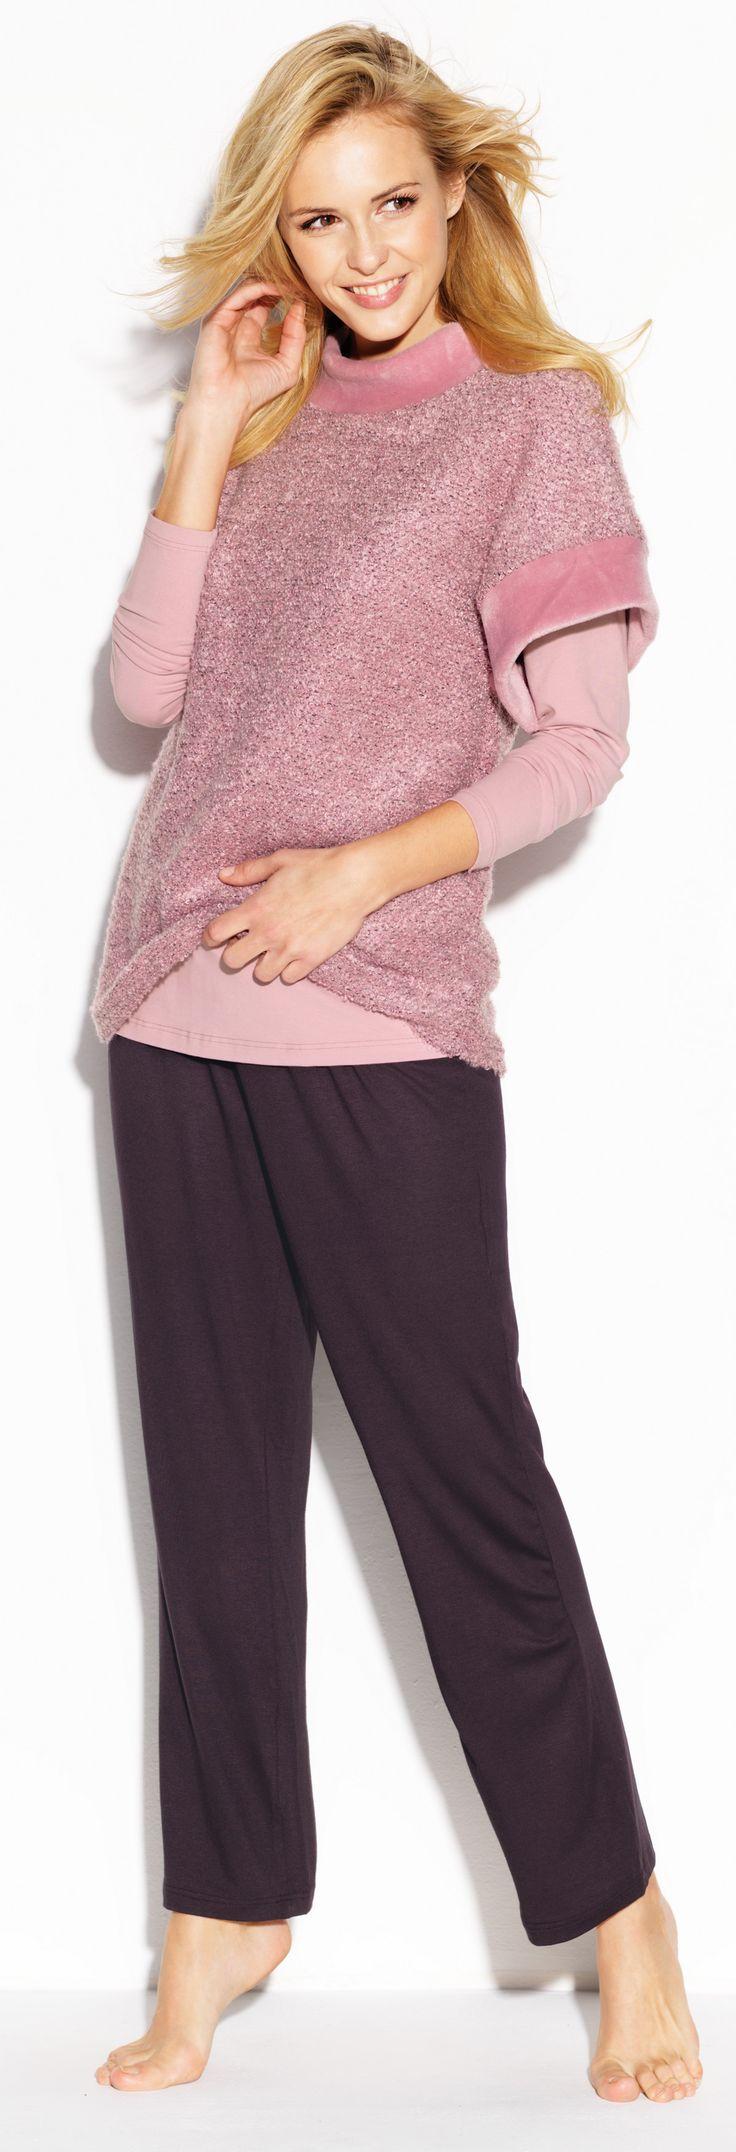 CYBÈLE Podzim-Zima 2015/2016   Volnočasové prádlo   Triko   Kalhoty   Loungewear   T-shirt   Trousers   www.naturana-plavky-pradlo.cz